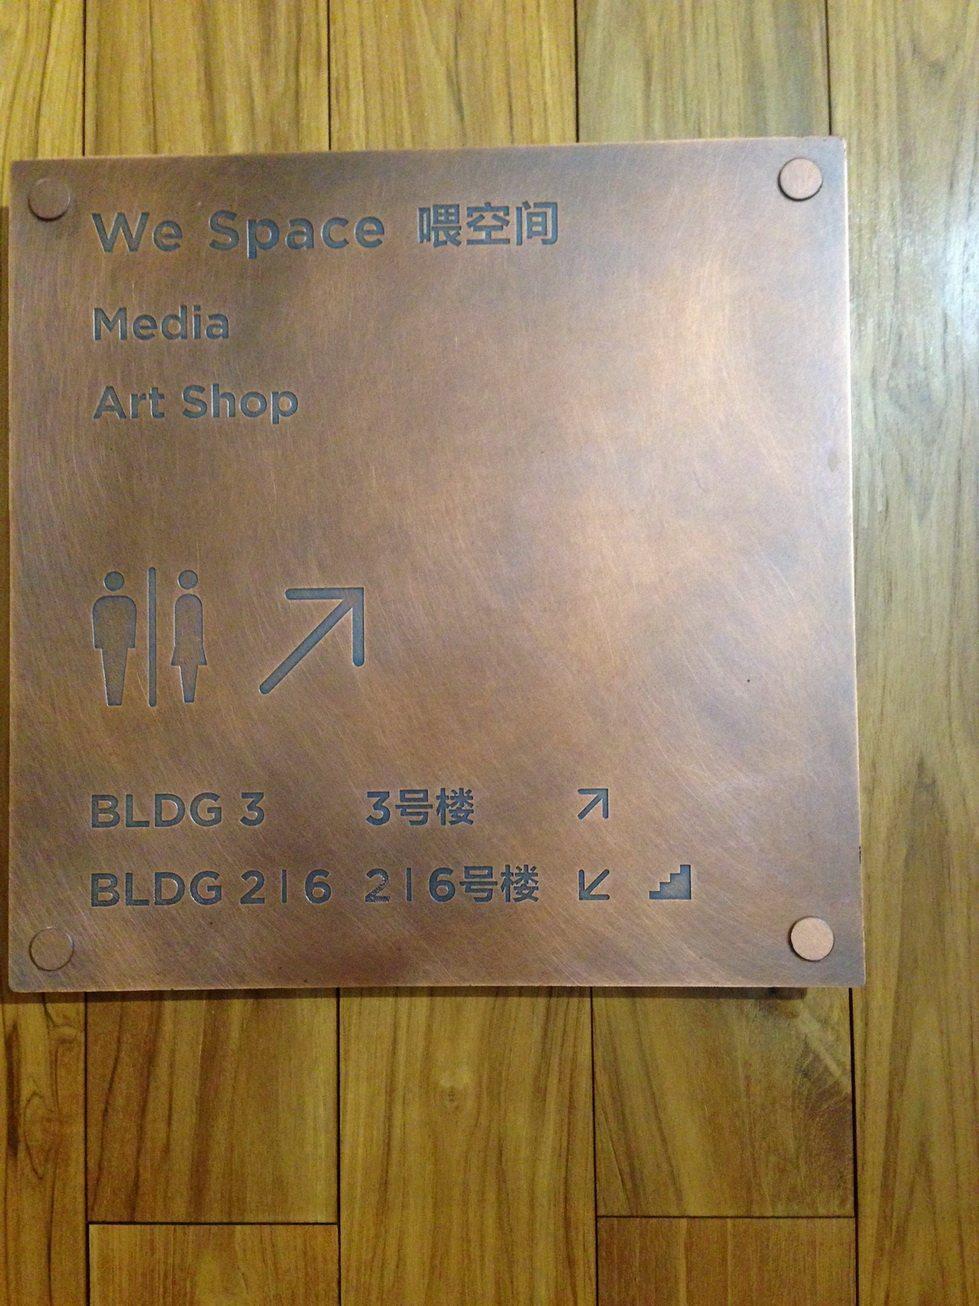 厦门乐雅无垠酒店Hotel Wind自拍 分享_IMG_2645.JPG